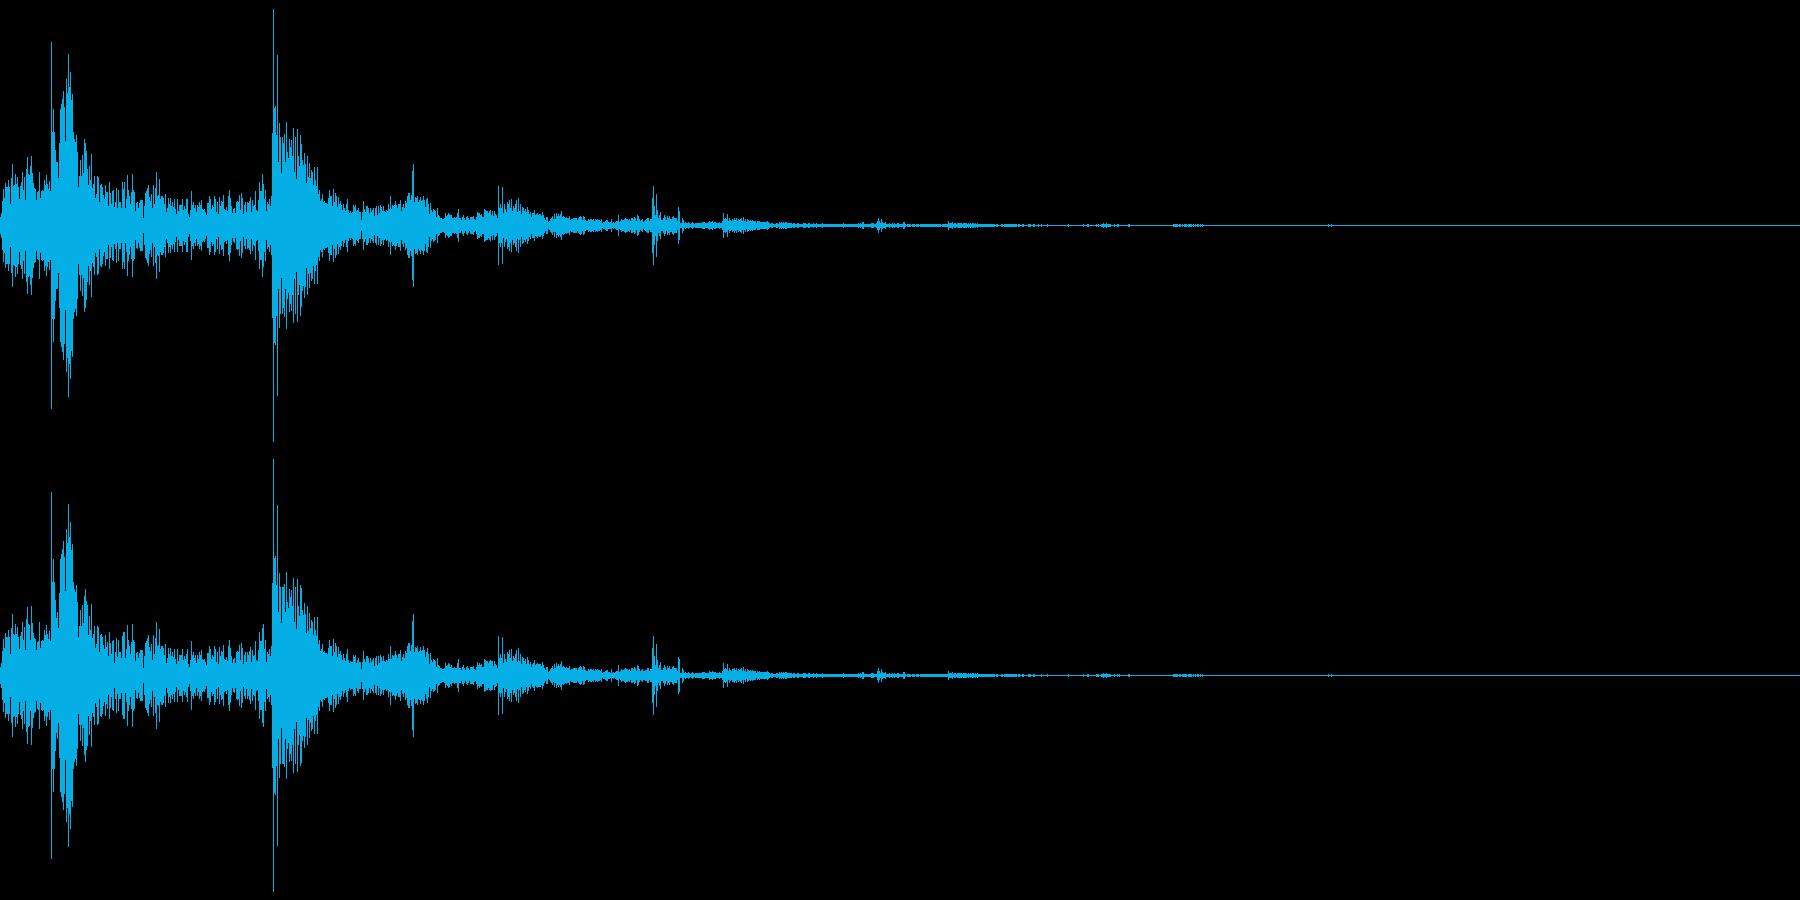 水滴が落ちるイメージの再生済みの波形